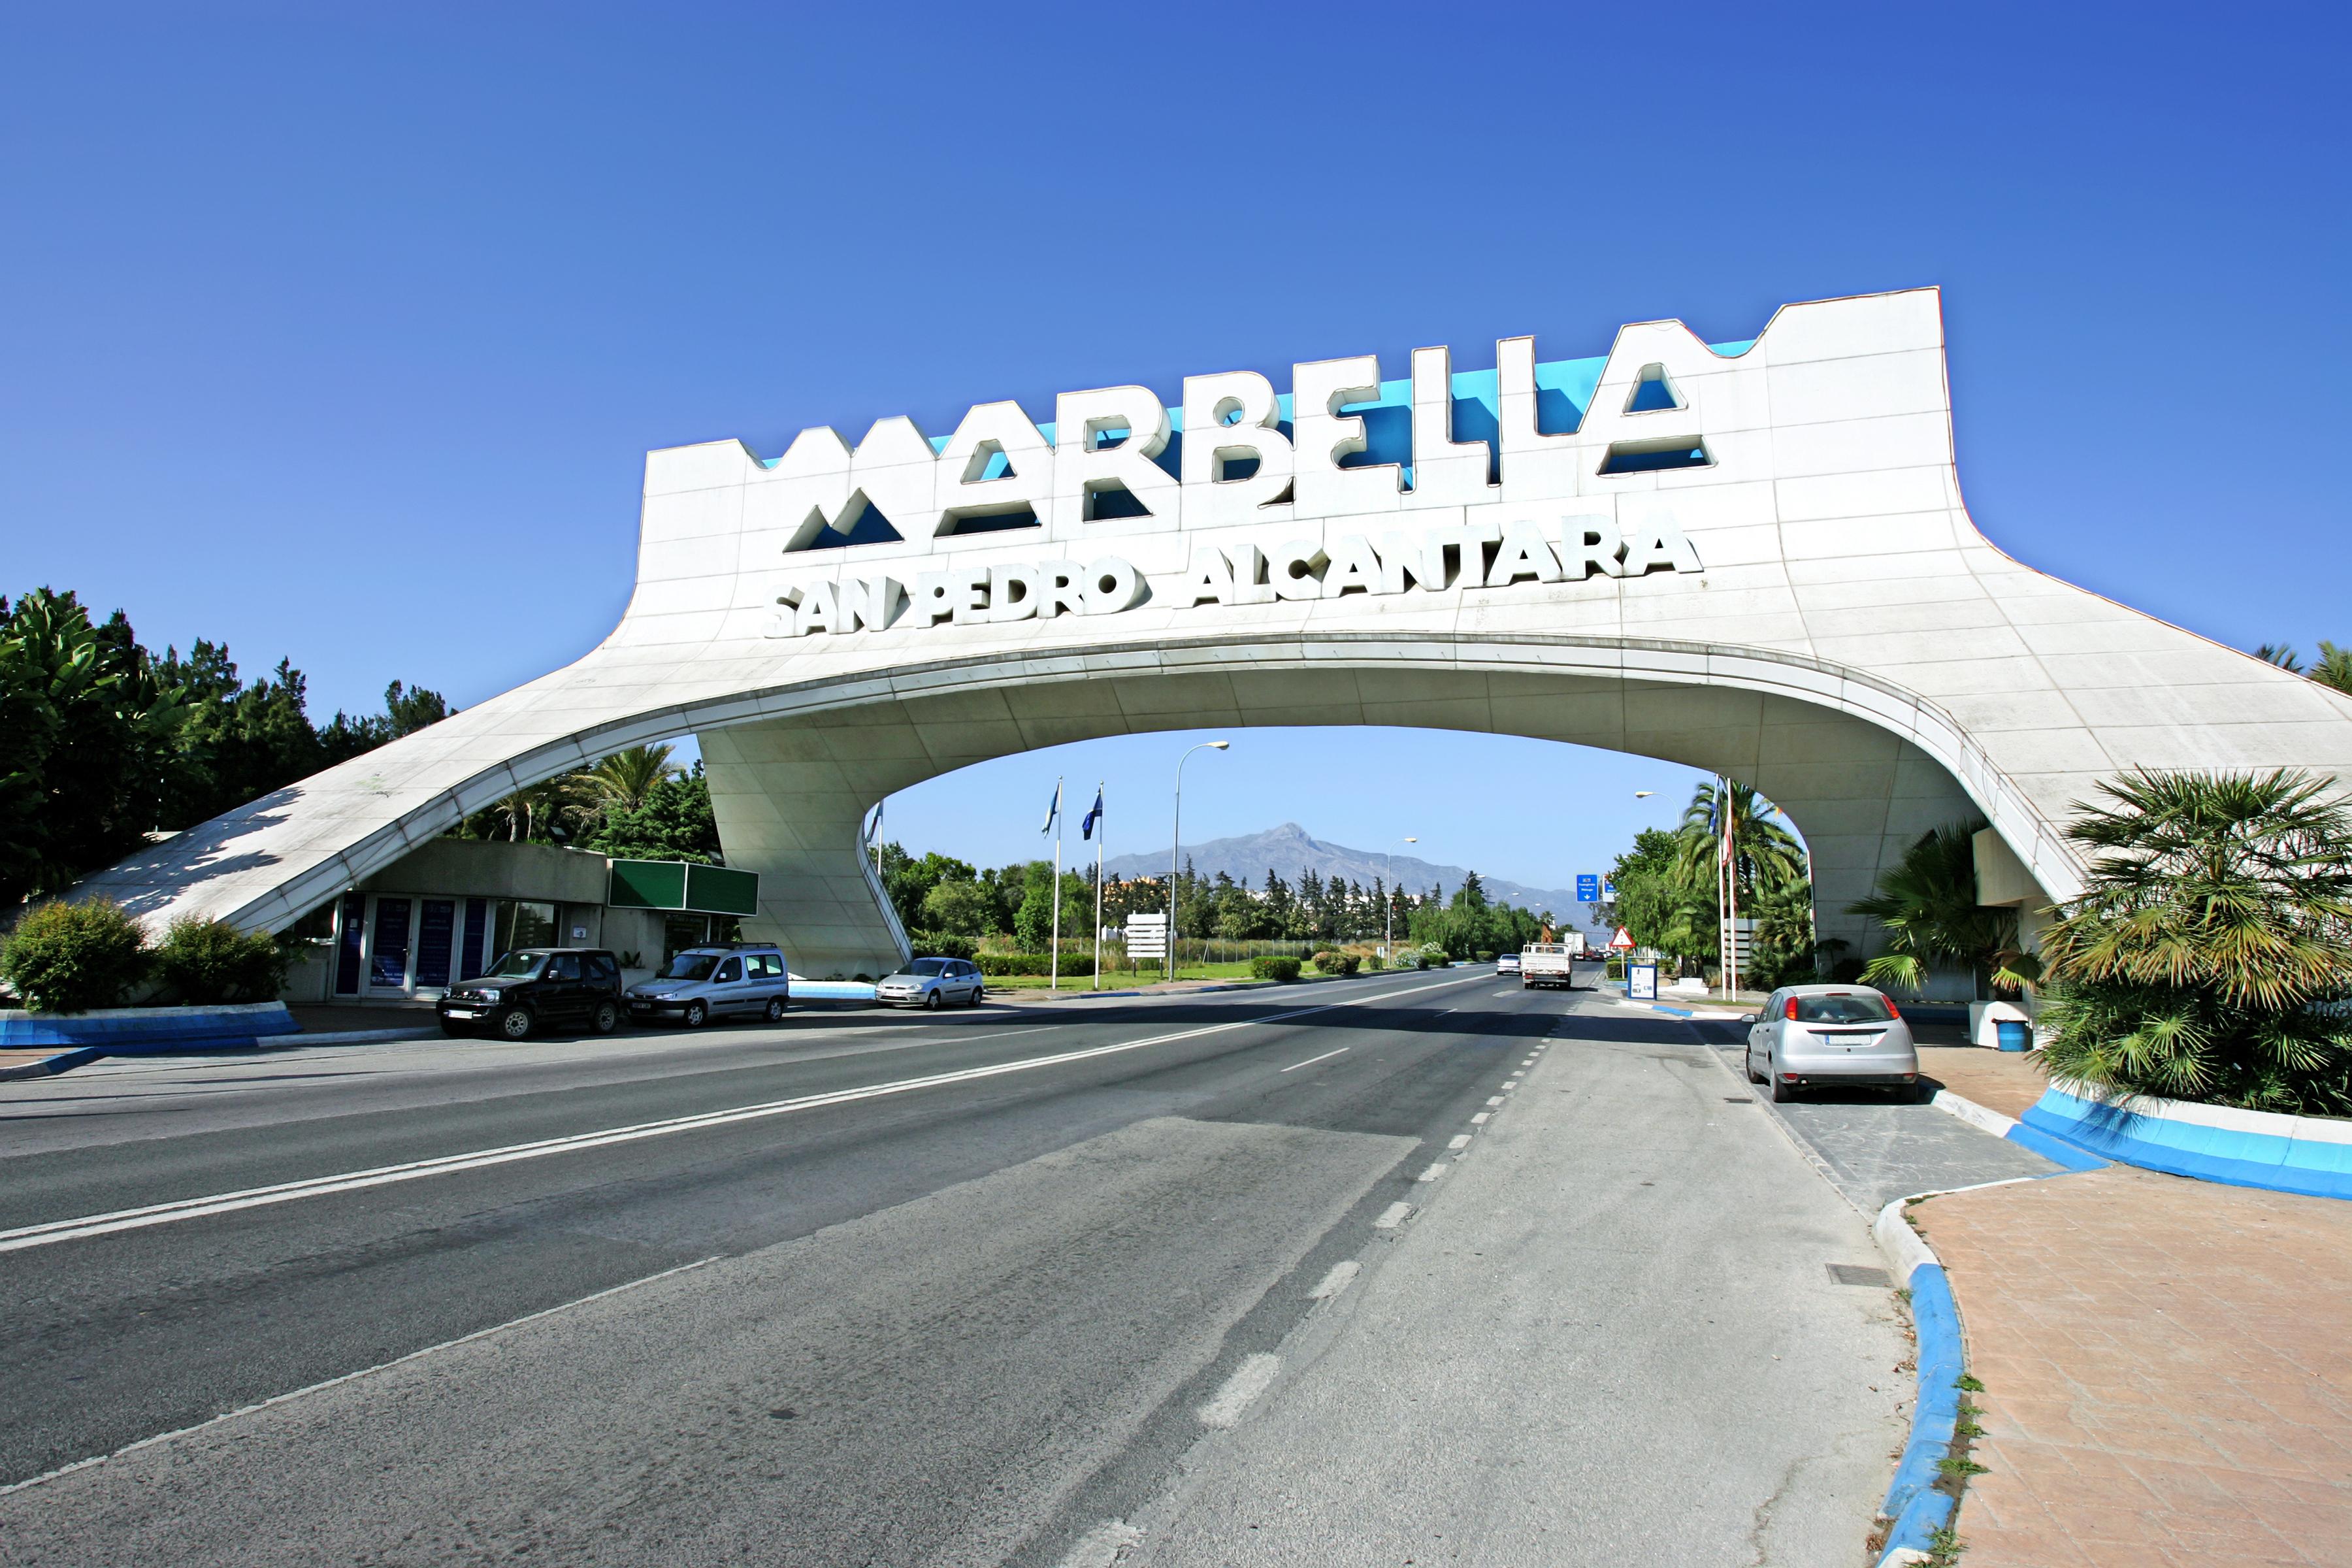 Marbella, Marbella Direct